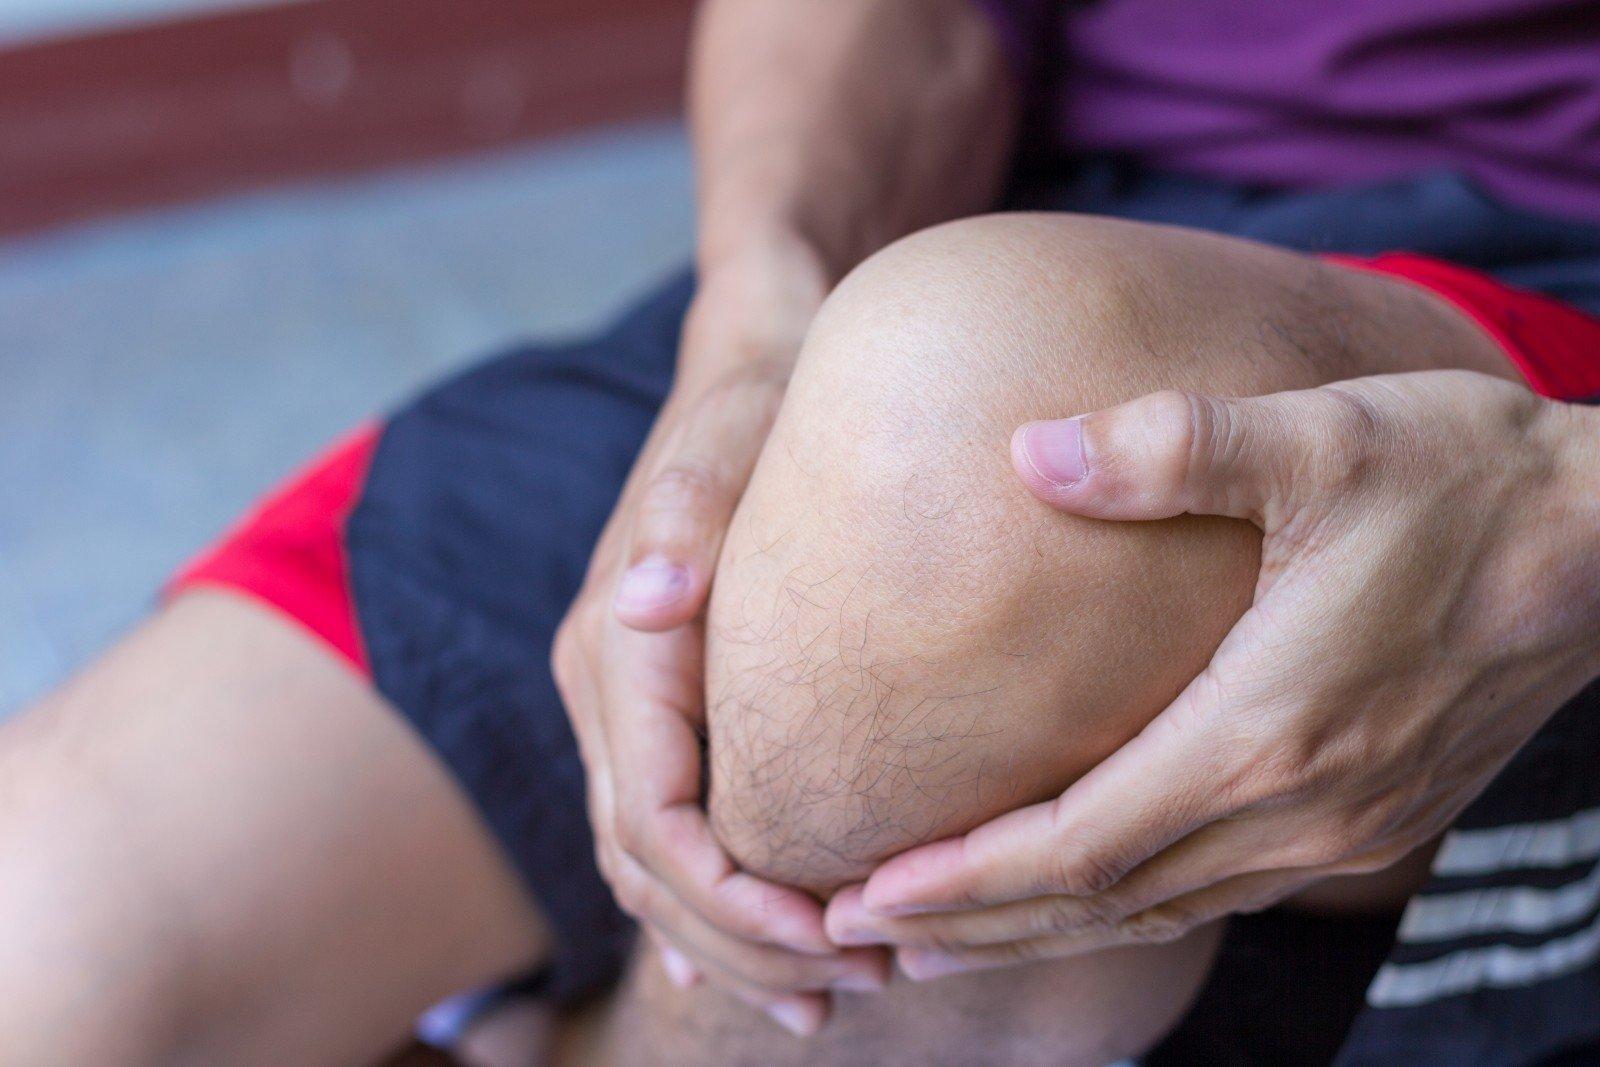 ligos nuo ranka rankų sąnarių tabletės nuo irimo skausmui malšinti